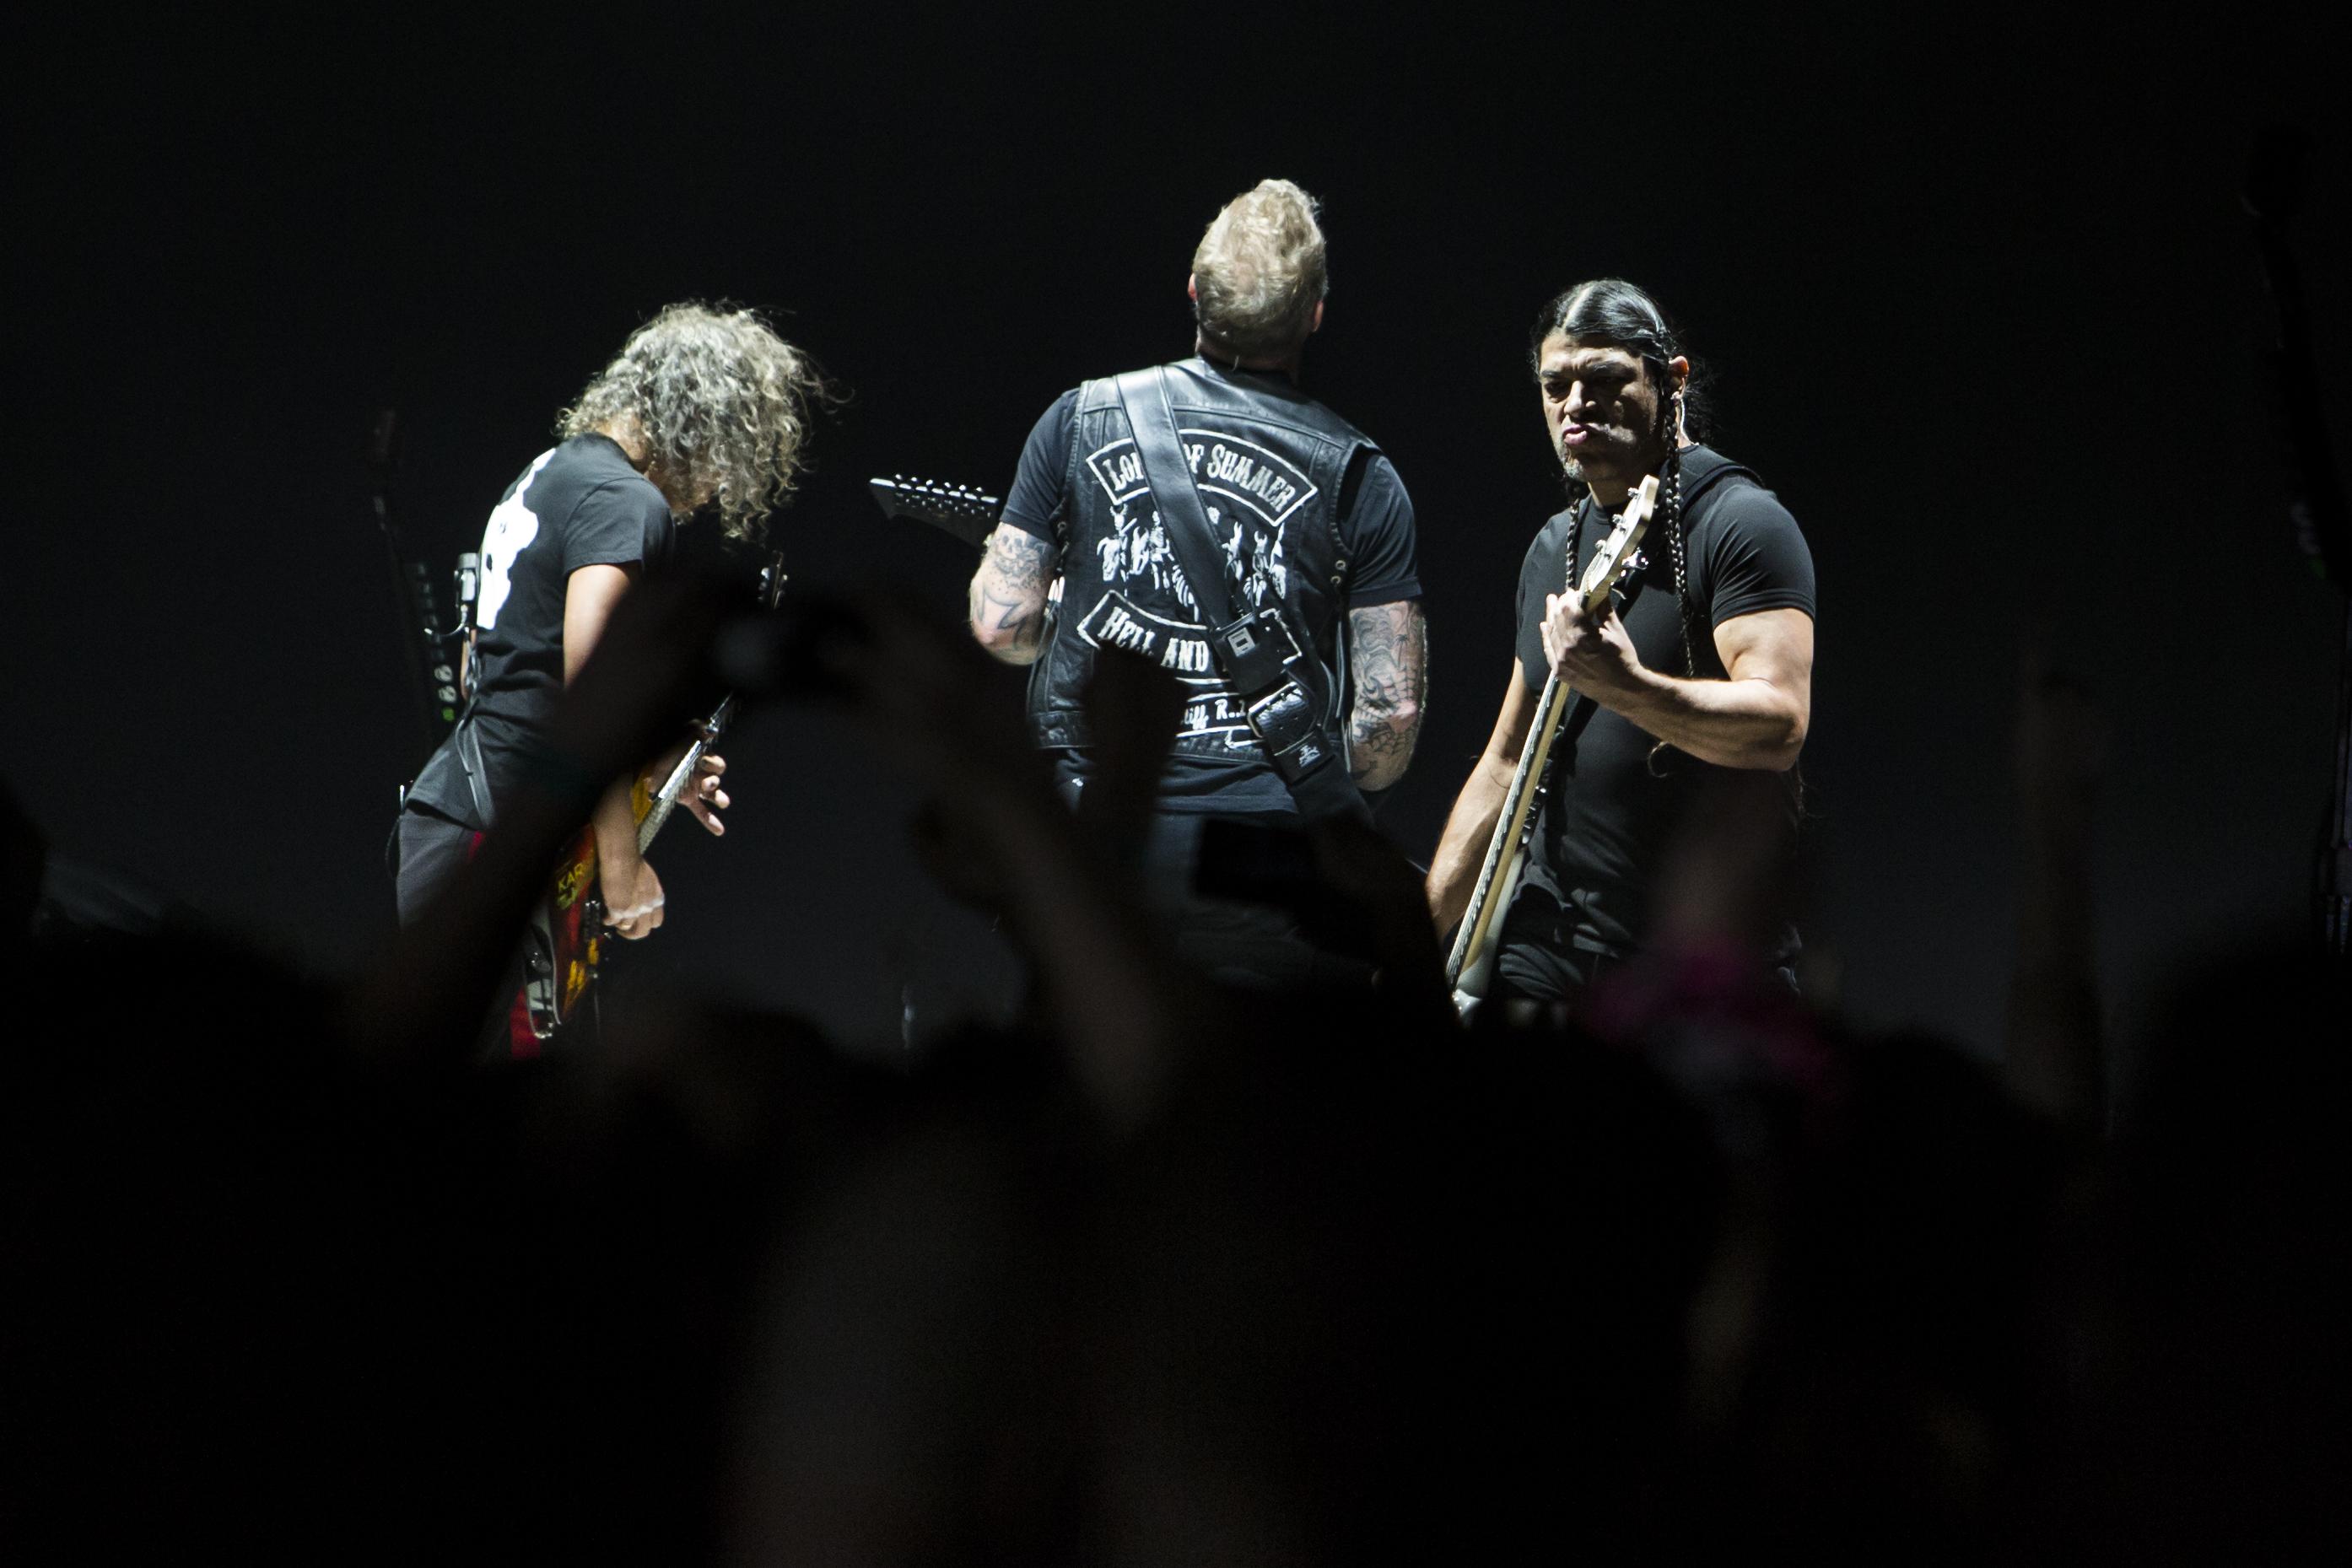 Zespół Metallica przekazał 250 tysięcy euro na budowę onkologicznego szpitala pediatrycznego w Rumunii